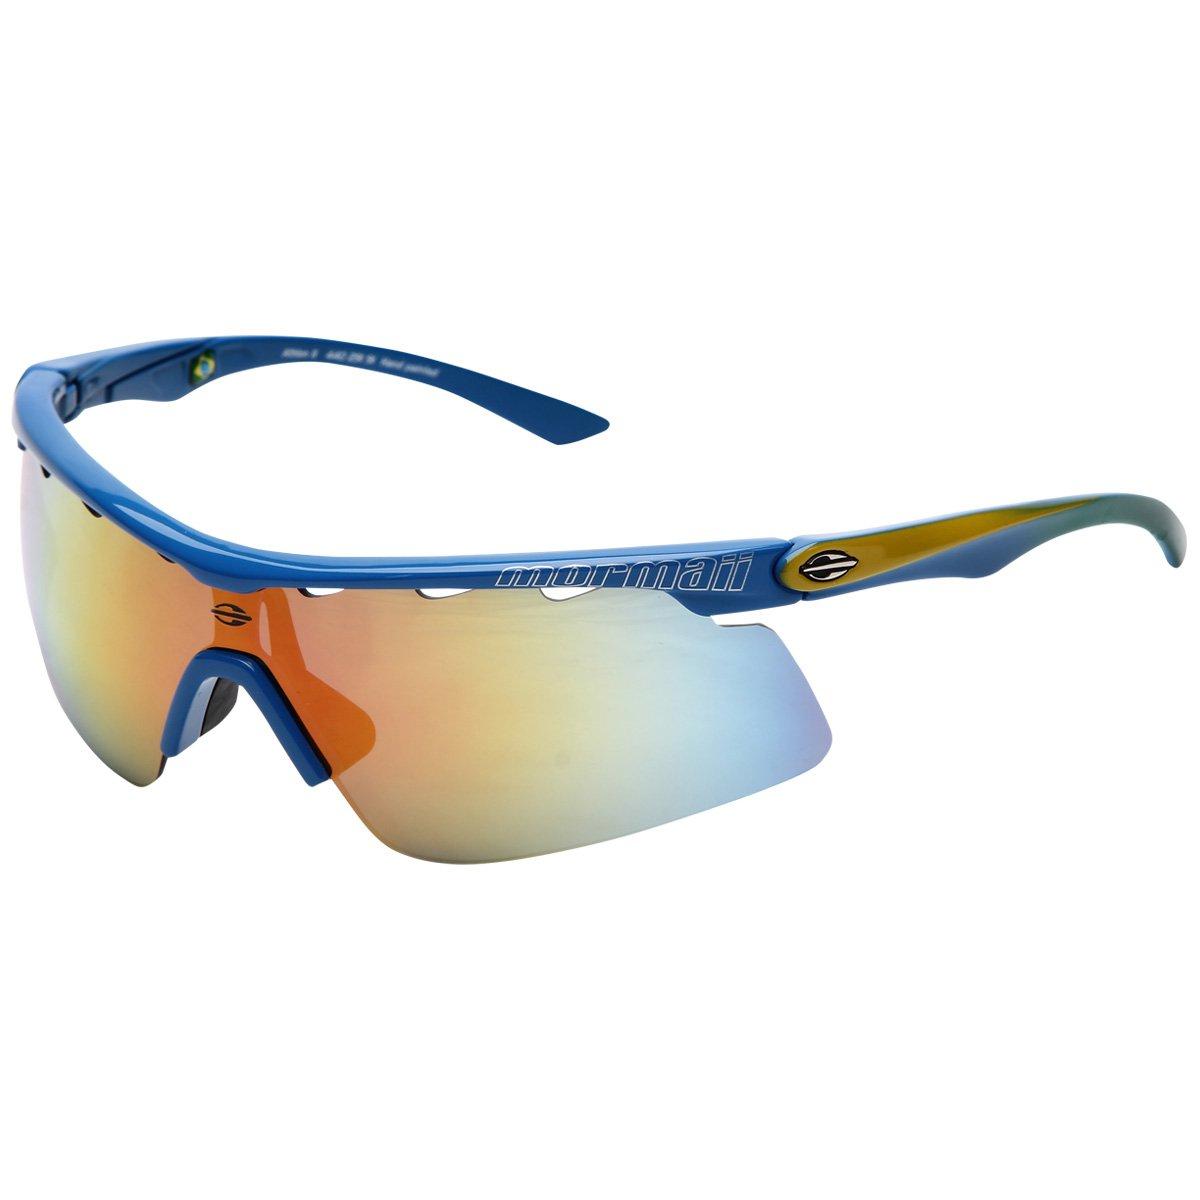 e5a75872c Óculos Mormaii Athlon 2 - Azul e amarelo   Netshoes